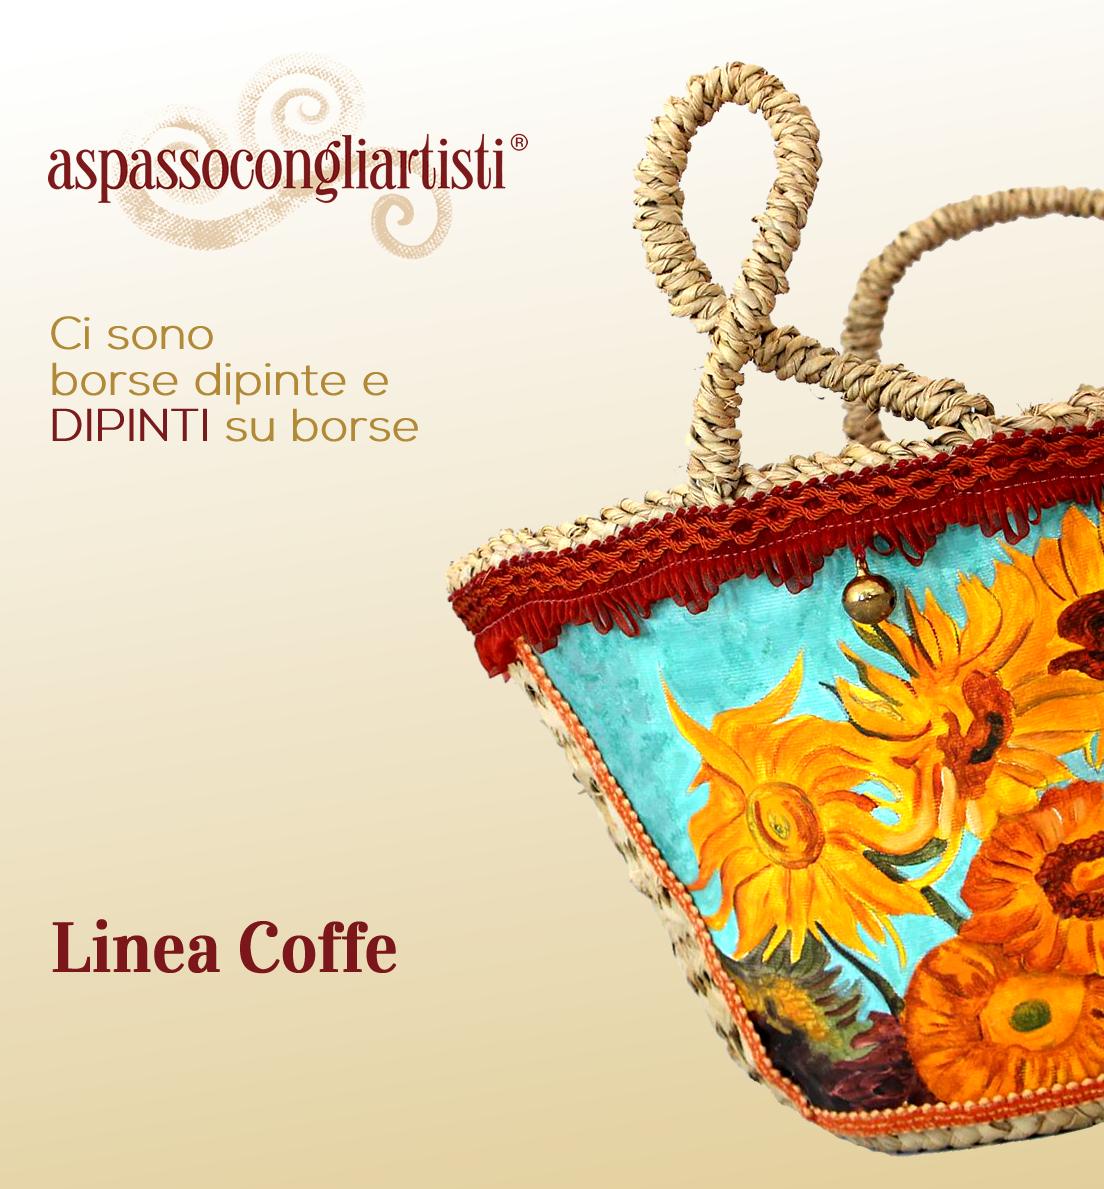 - Nice Coffe